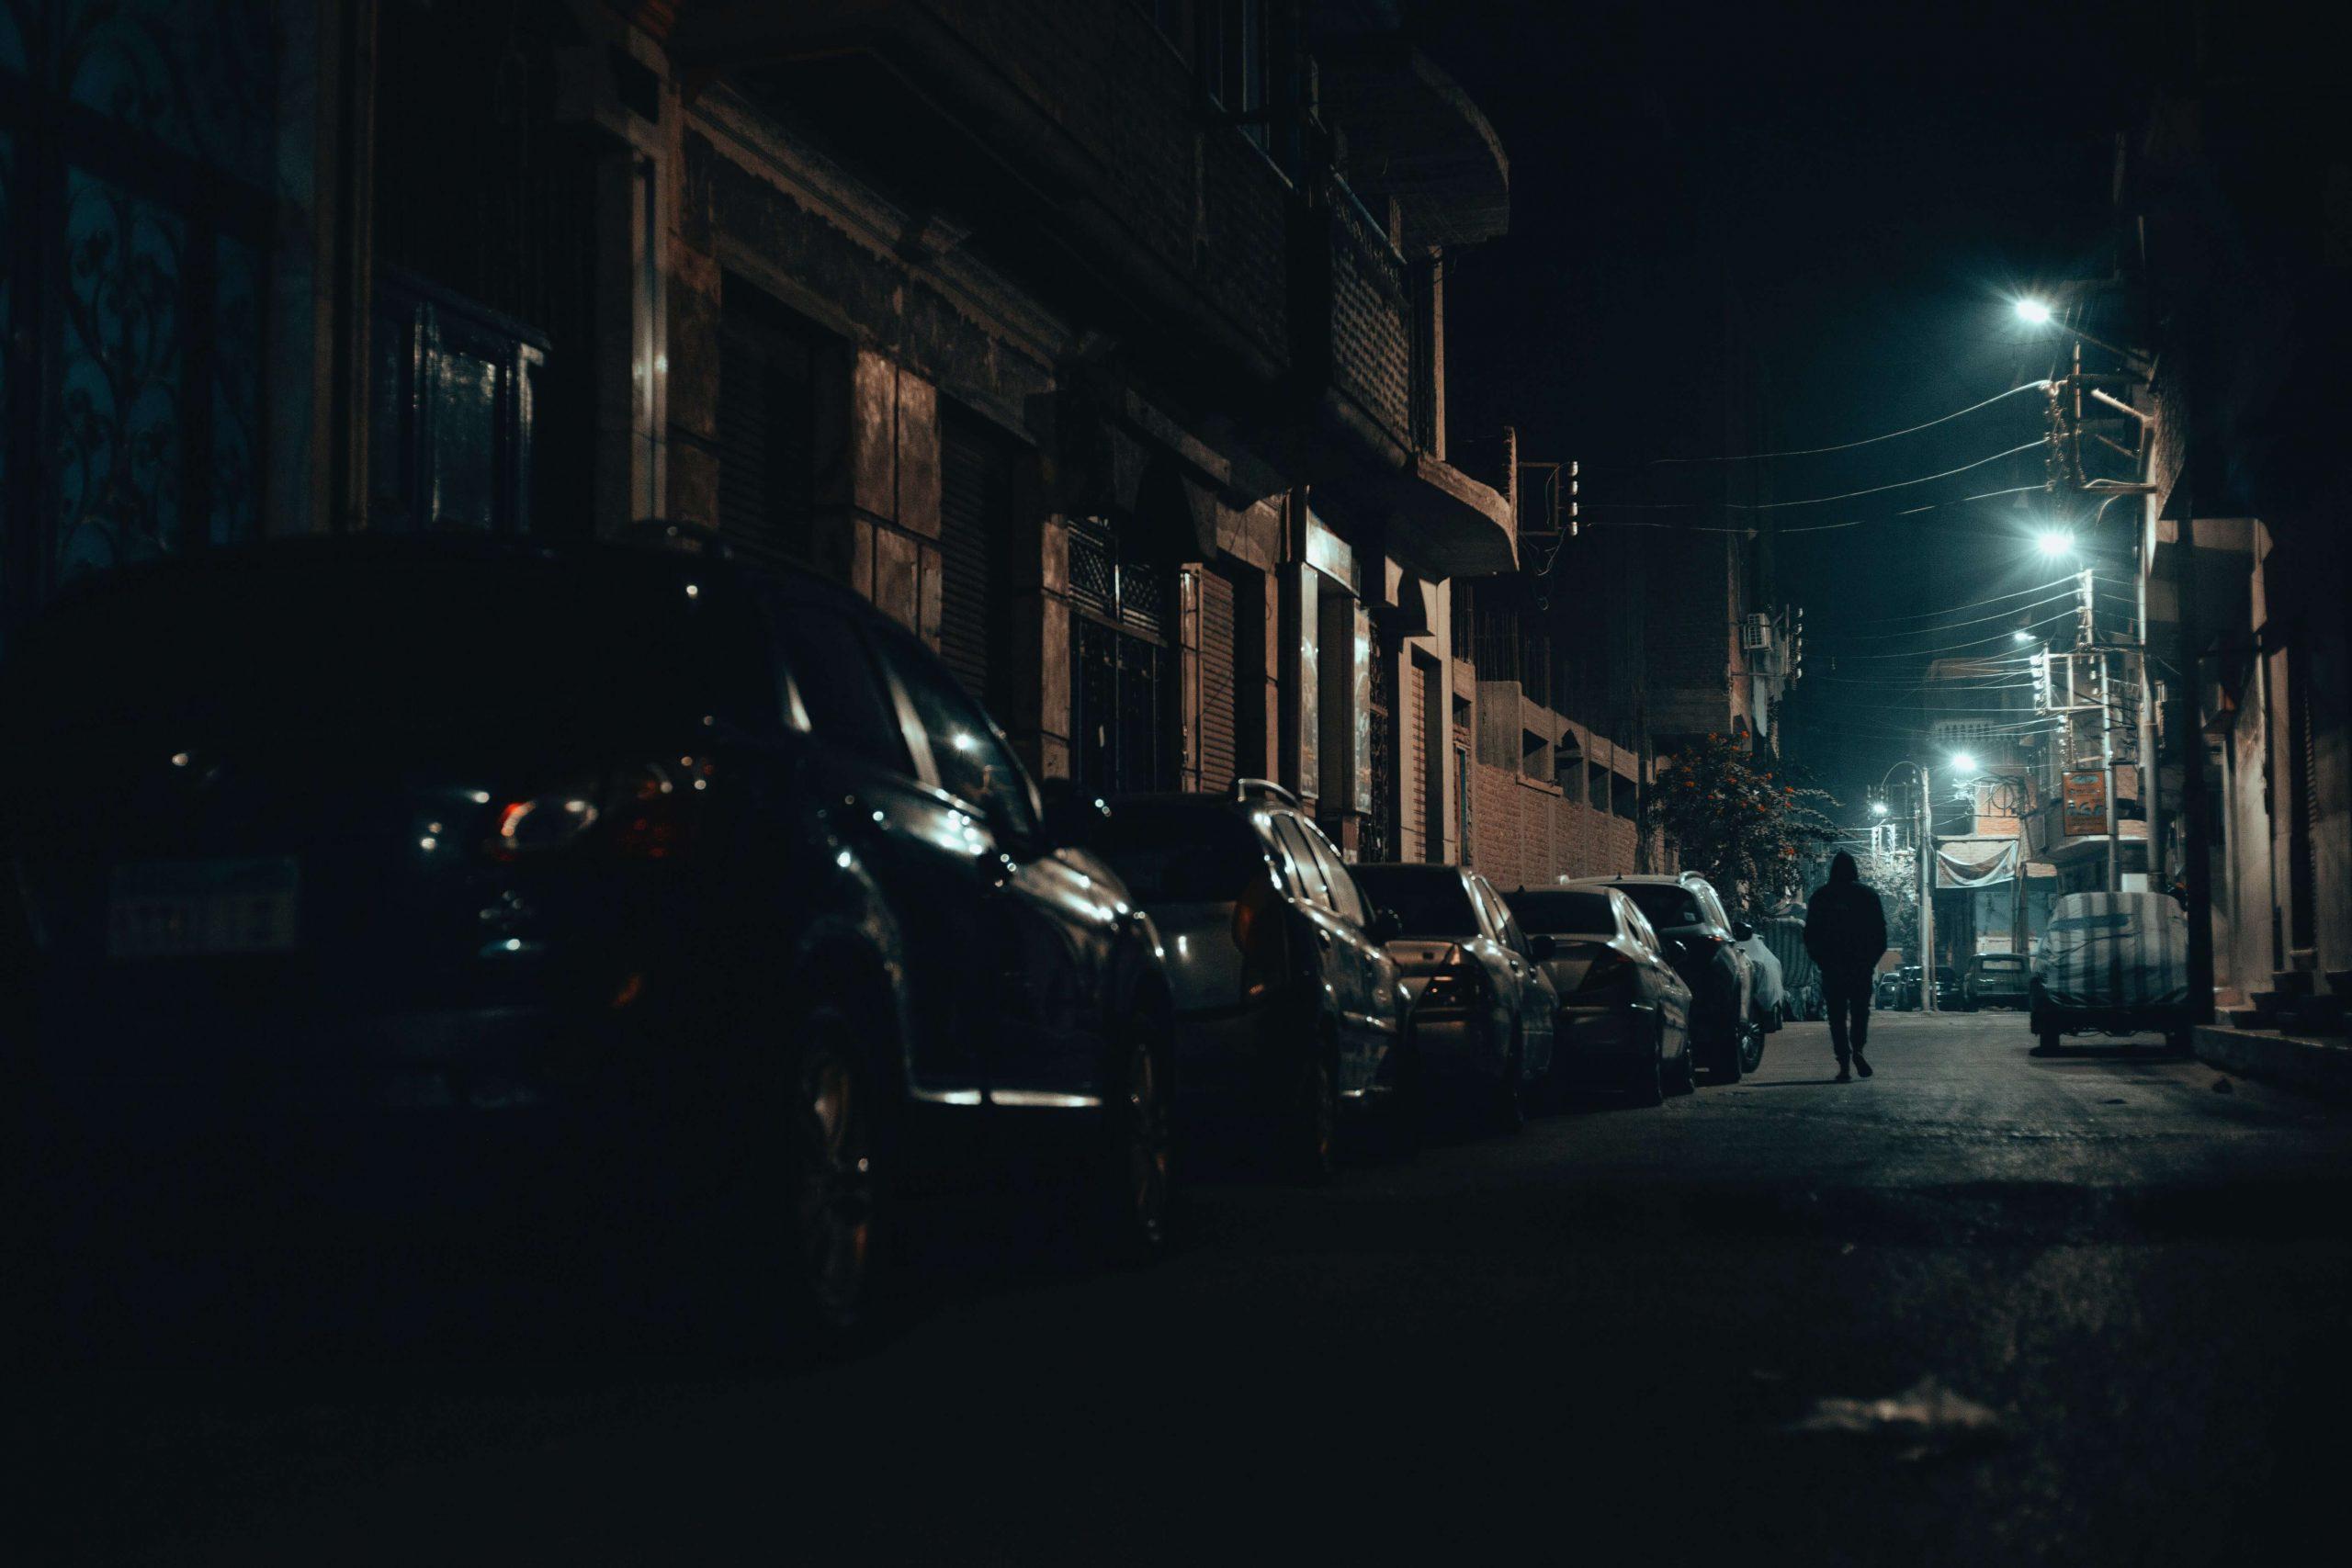 en la calle por la noche por no tener prorroga en el contrato de alquiler